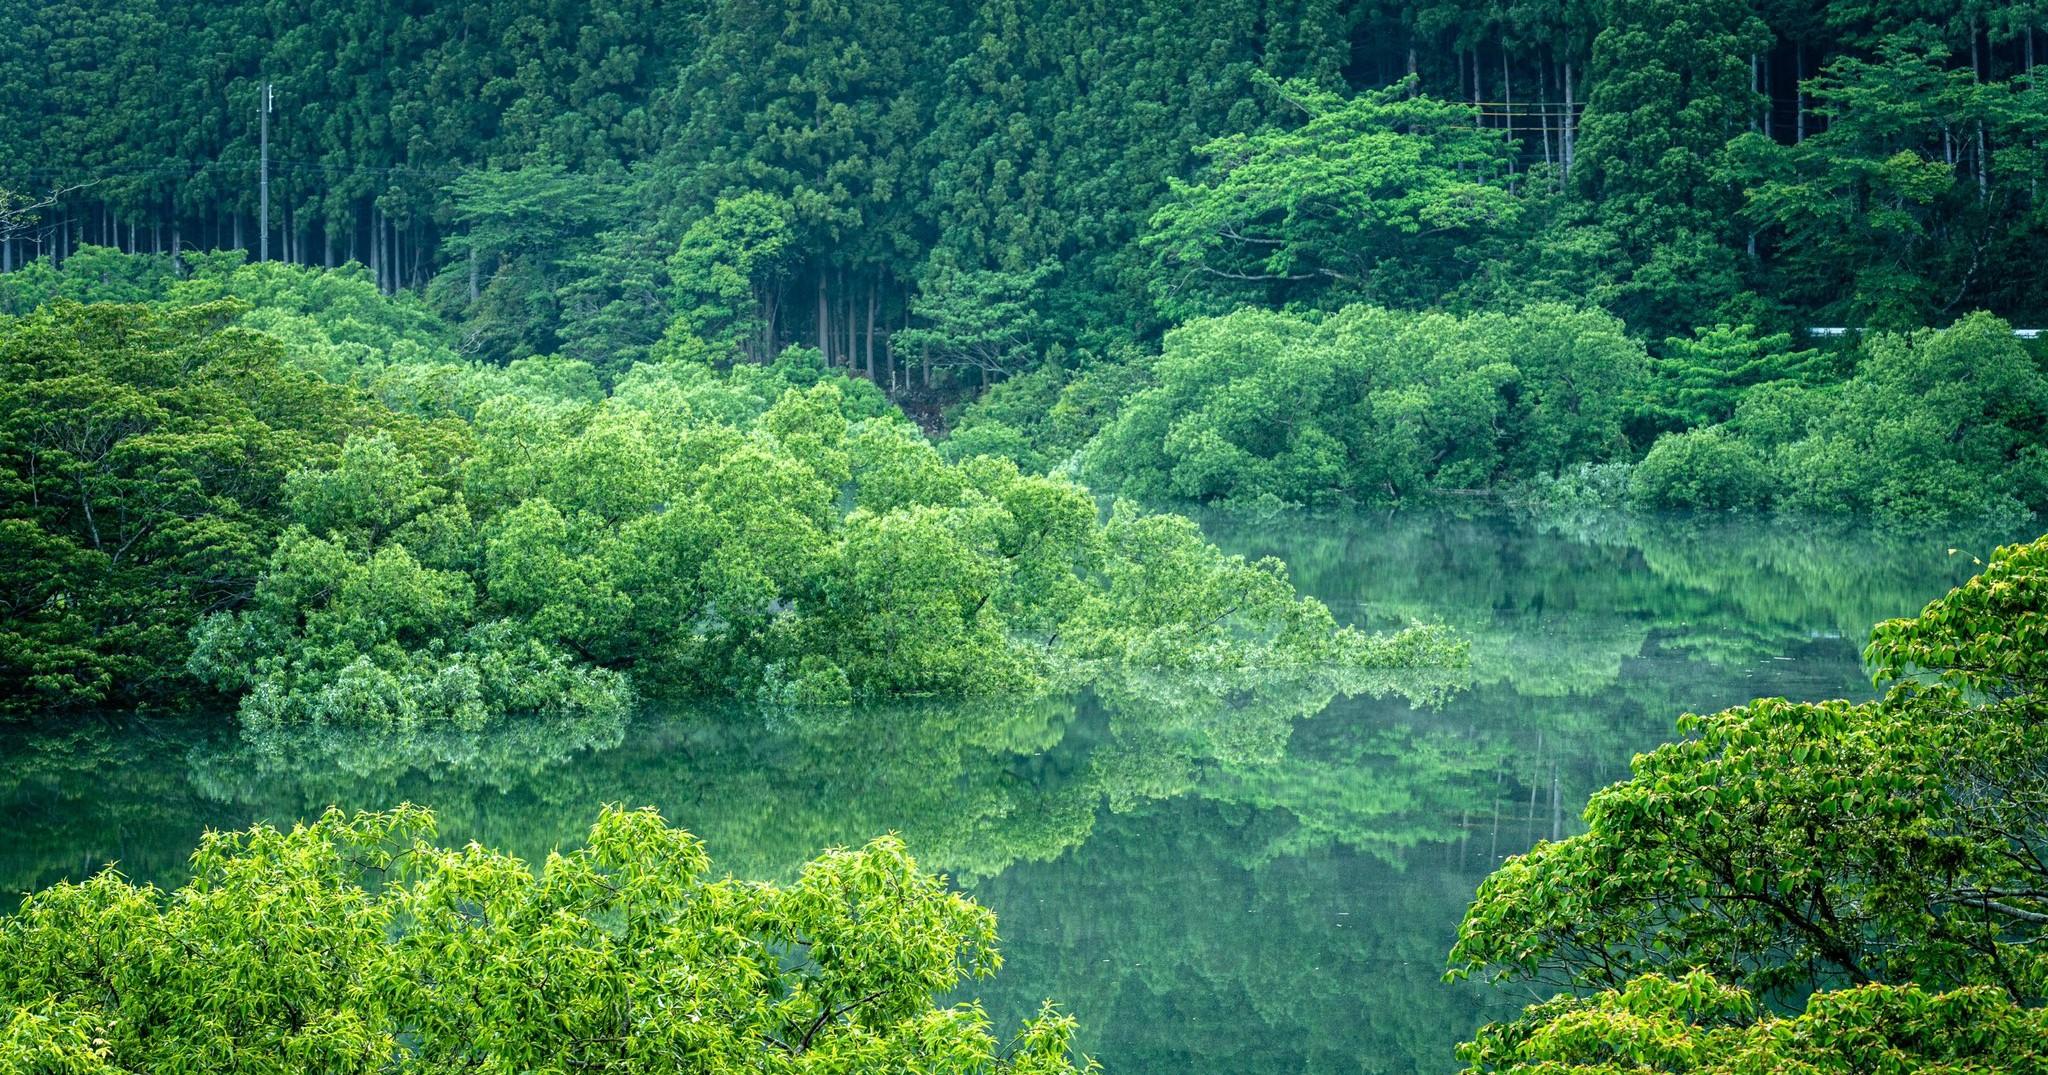 「新緑水鏡が美しい」偶然見つけて撮影された絶景に称賛の声が殺到「美しすぎます」「目がスッキリ‼️」